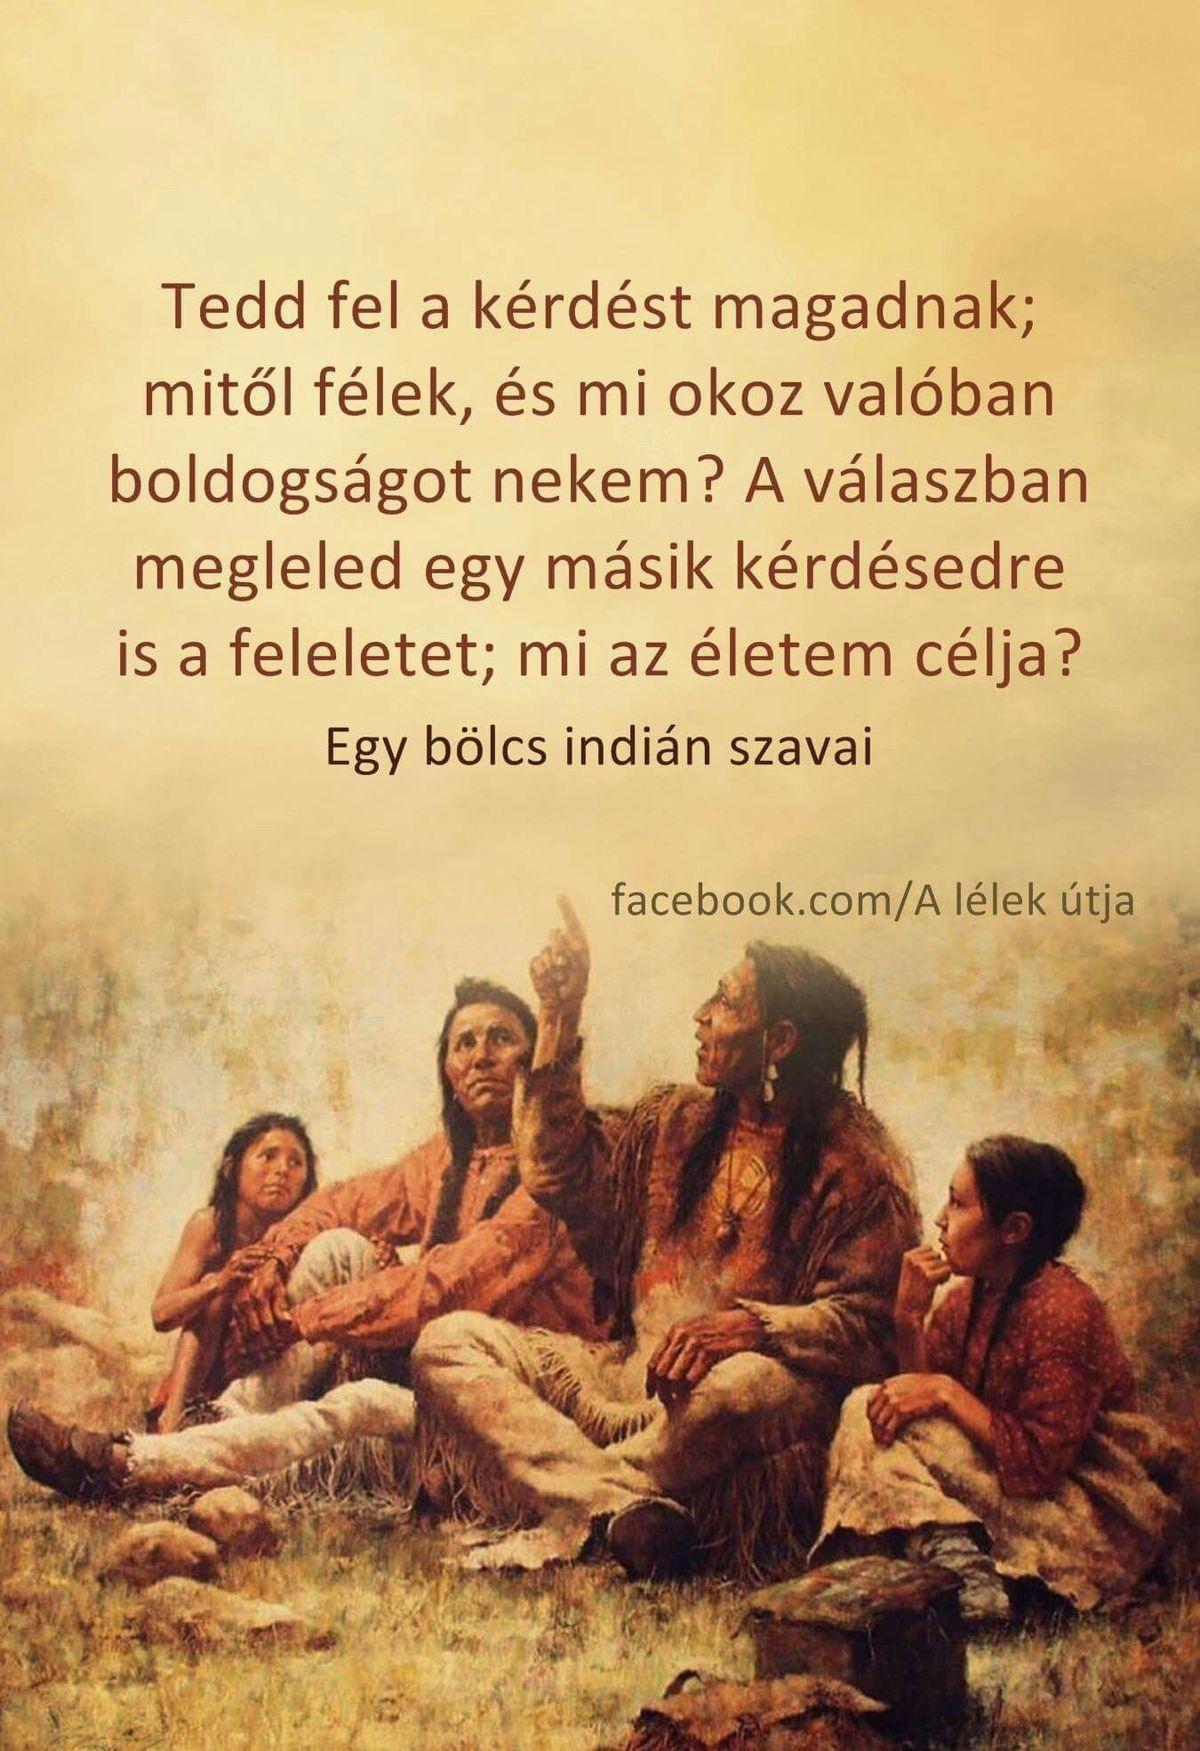 indián bölcsességek idézetek Egy bölcs indián szavai | Words of encouragement, Picture quotes